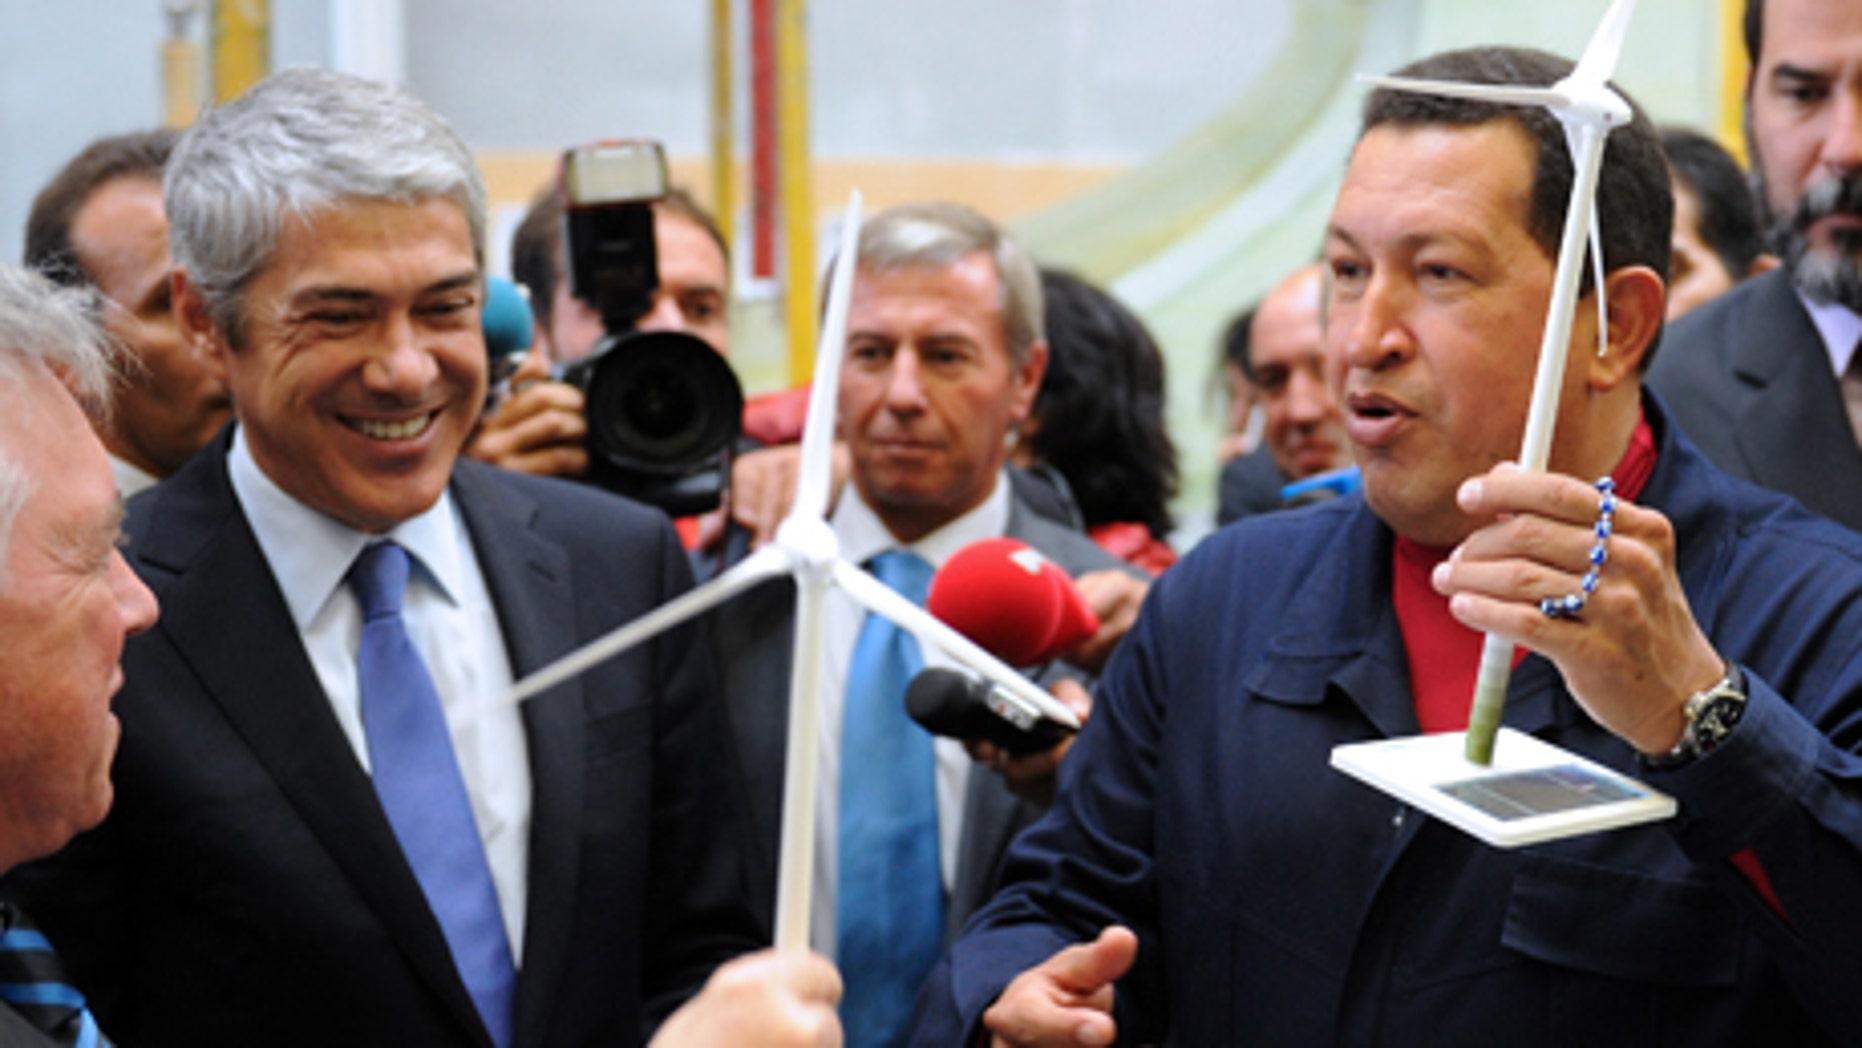 El presidente venezolano Hugo Chávez, derecha, y el primer ministro portugués José Sócrates reciben como regalo un aerogenerador en miniatura durante una visita a una fábrica de estos generadores de electricidad en el astillero Viana do Castelo, en Portugal, el domingo 24 de octubre del 2010. (AP foto/Paulo Duarte)